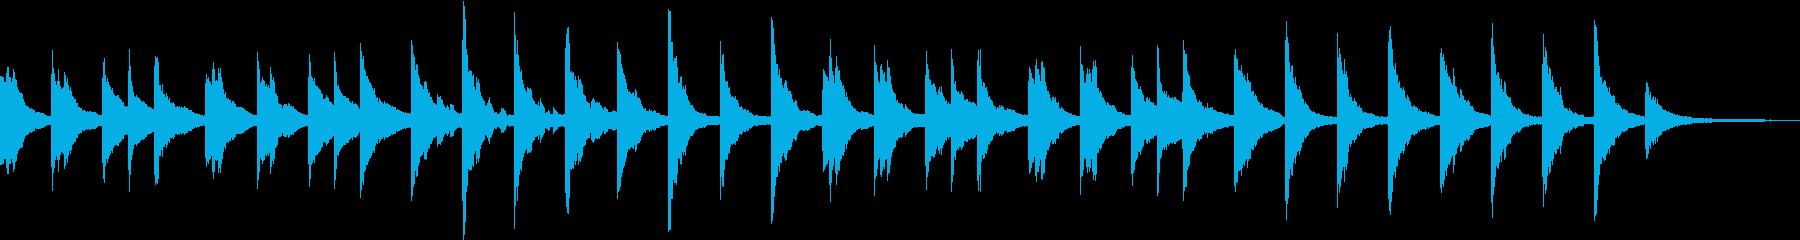 アンビエント寄りのピアノソロの再生済みの波形